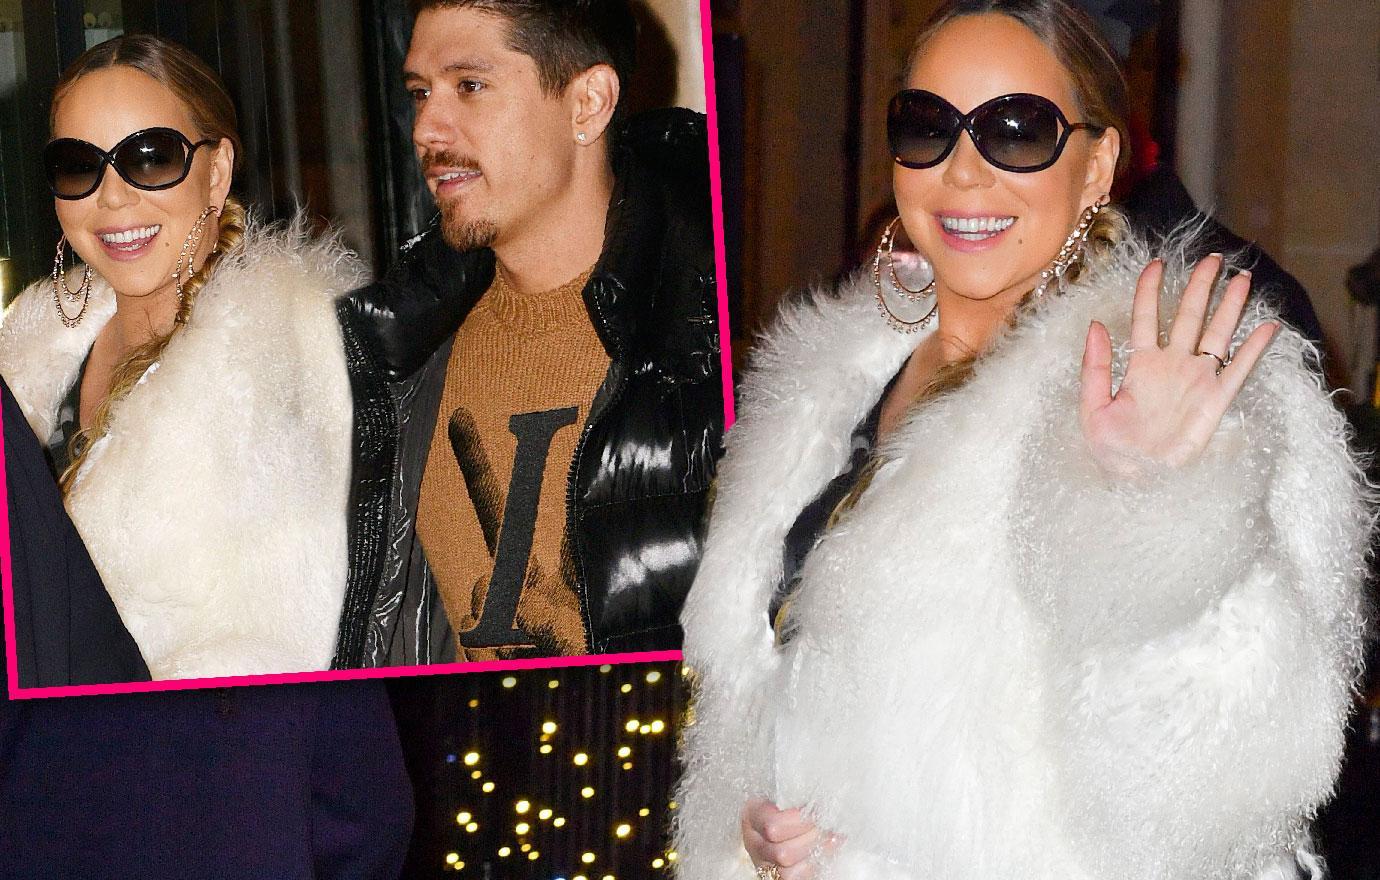 Mariah Carey At Paris Hotel With Boyfriend Bryan Tanaka Amid European Christmas Tour